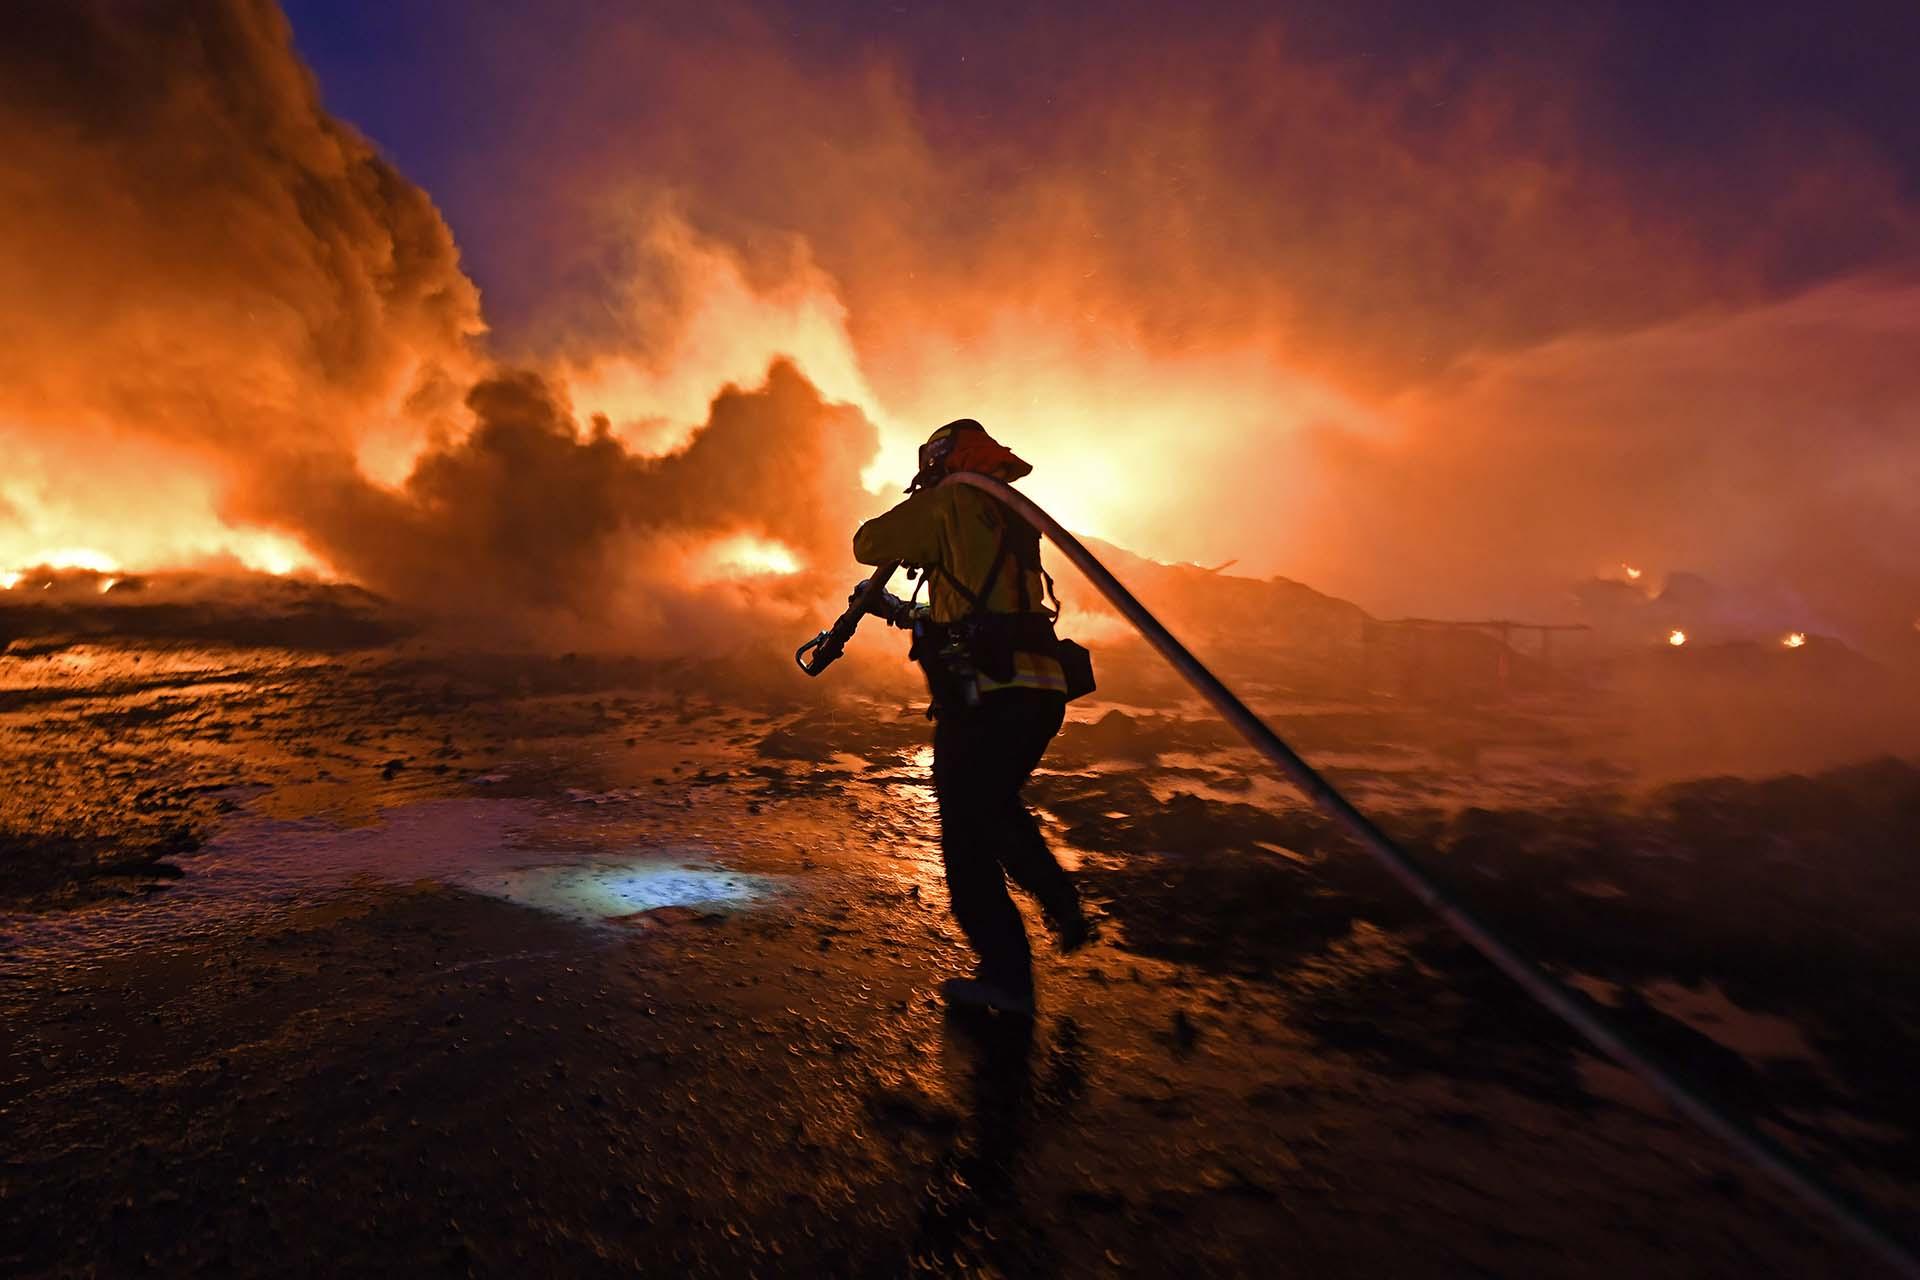 Un bombero arrastra una manguera más cerca para combatir un incendio de hierba en East Cypress Road en Knightsen, California, el domingo por la noche